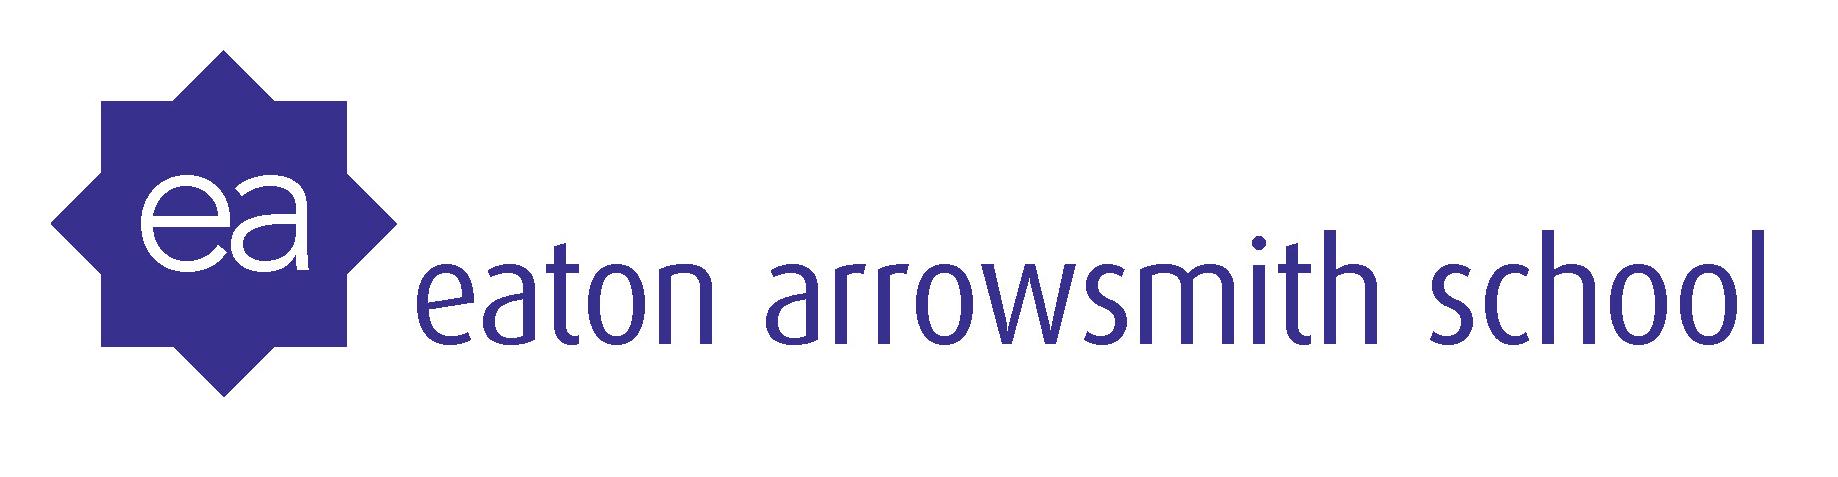 eaton-arrowsmith-logo-horz